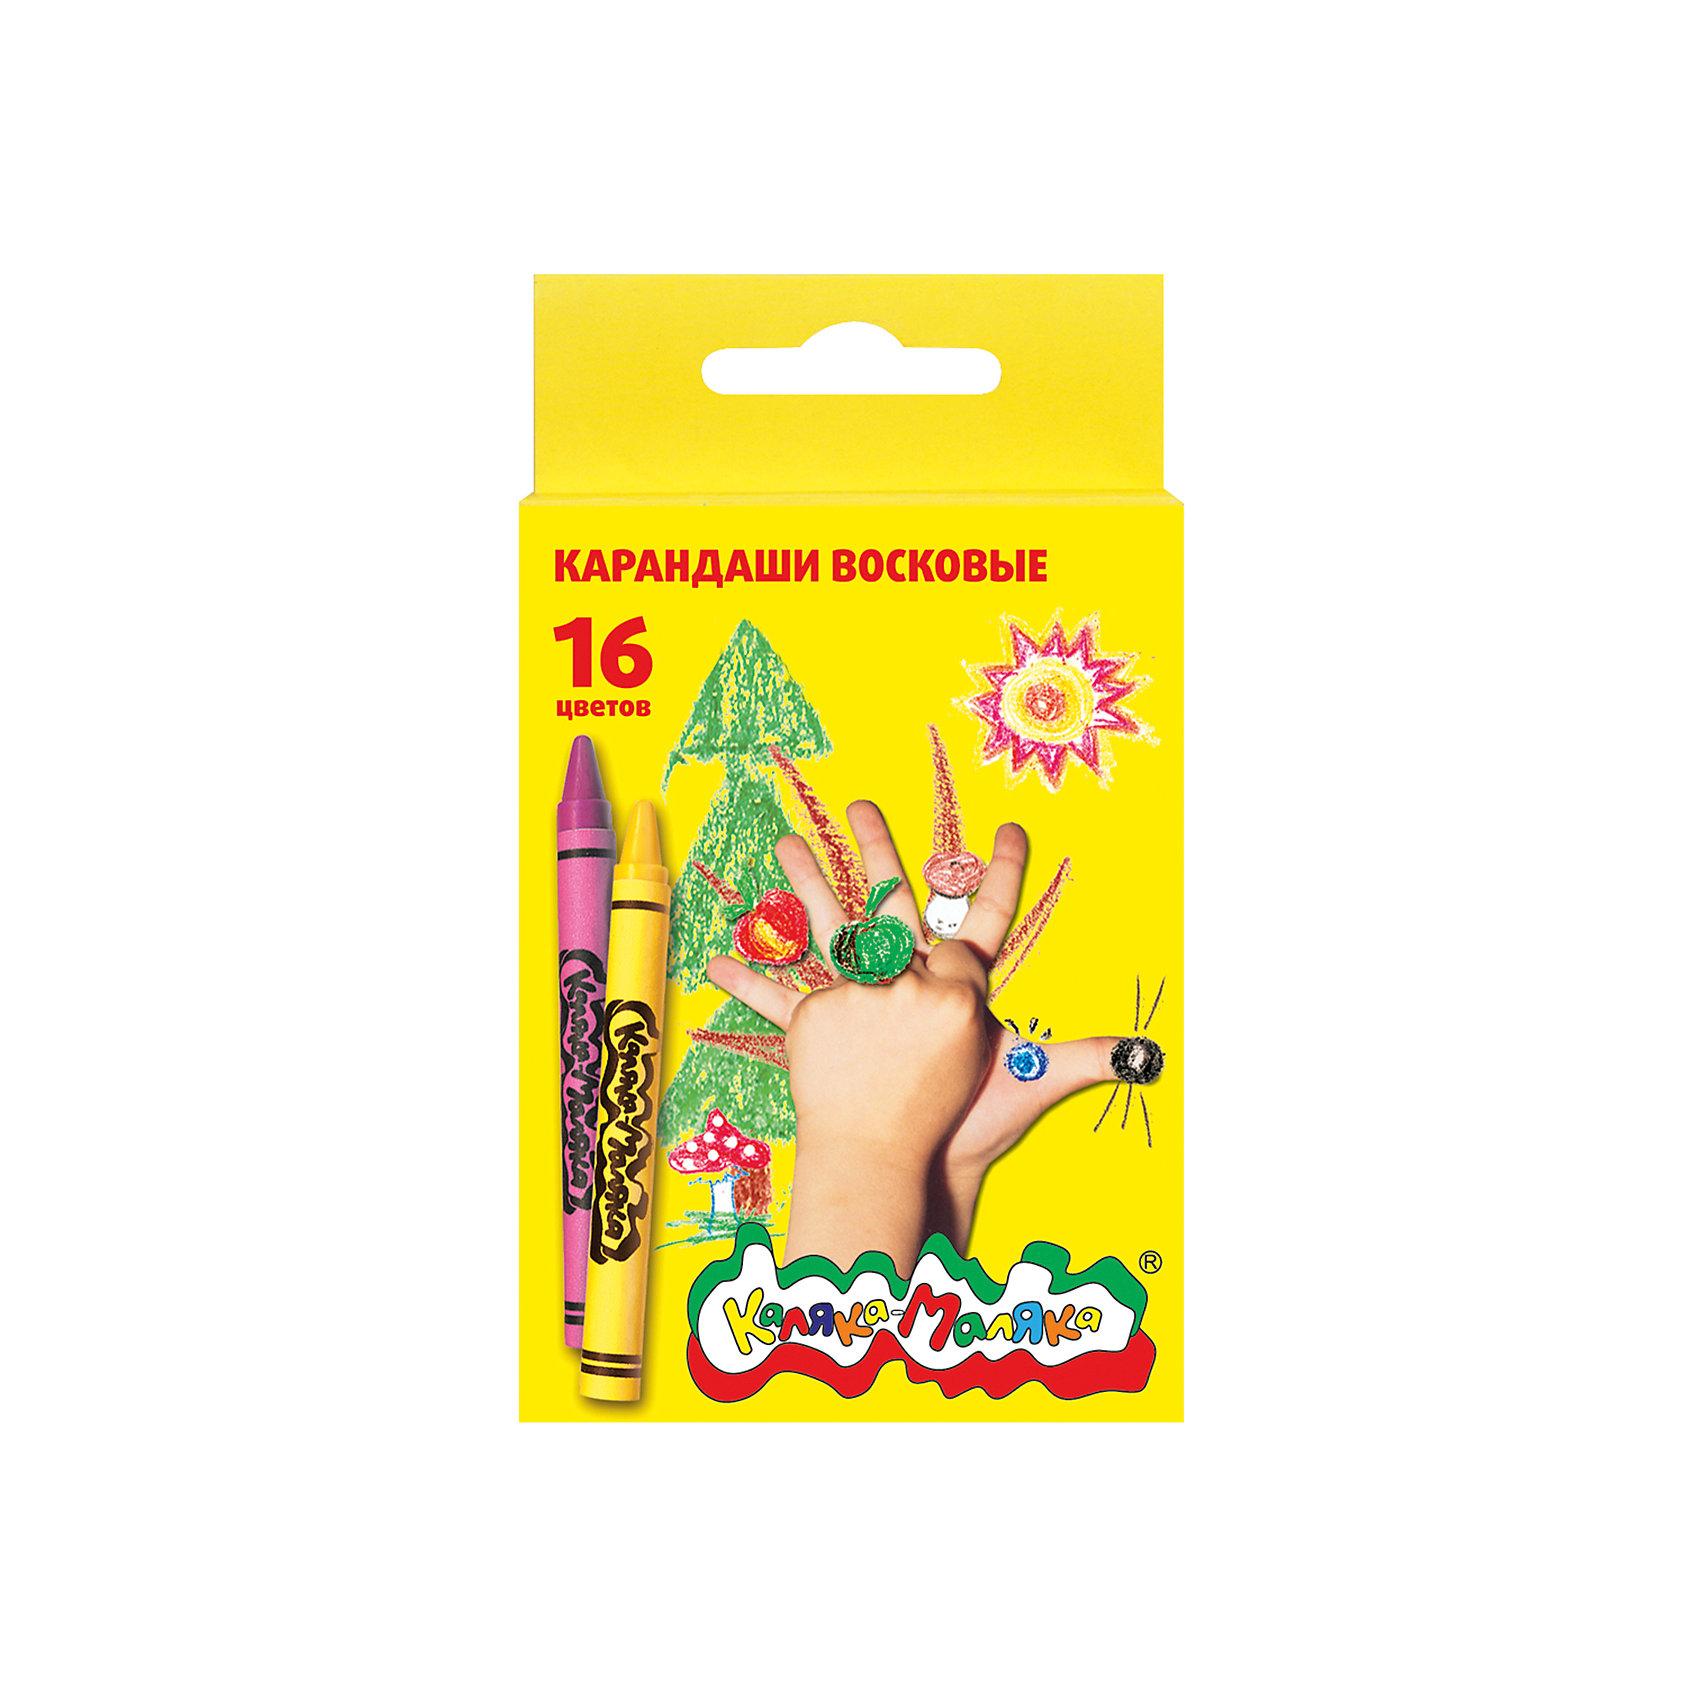 Восковые карандаши  16 цветов, круглые с заточкойВосковые карандаши Каляка-Маляка® настолько мягкие и одновременно прочные, что любой малыш сможет без труда нарисовать яркие и радостные картинки.Восковые карандаши Каляка-Маляка® имеют специально разработанный состав, обеспечивающий ценнейшие свойства — они совершенно не пачкают руки, легко затачиваются и стираются ластиком, пишут мягко на любой поверхности.Каждый карандаш Каляка-Маляка® имеет индивидуальную упаковку, благодаря чему рука ребенка не скользит по карандашу и меньше устает.<br><br>Ширина мм: 68<br>Глубина мм: 18<br>Высота мм: 115<br>Вес г: 83<br>Возраст от месяцев: 36<br>Возраст до месяцев: 120<br>Пол: Унисекс<br>Возраст: Детский<br>SKU: 5354207